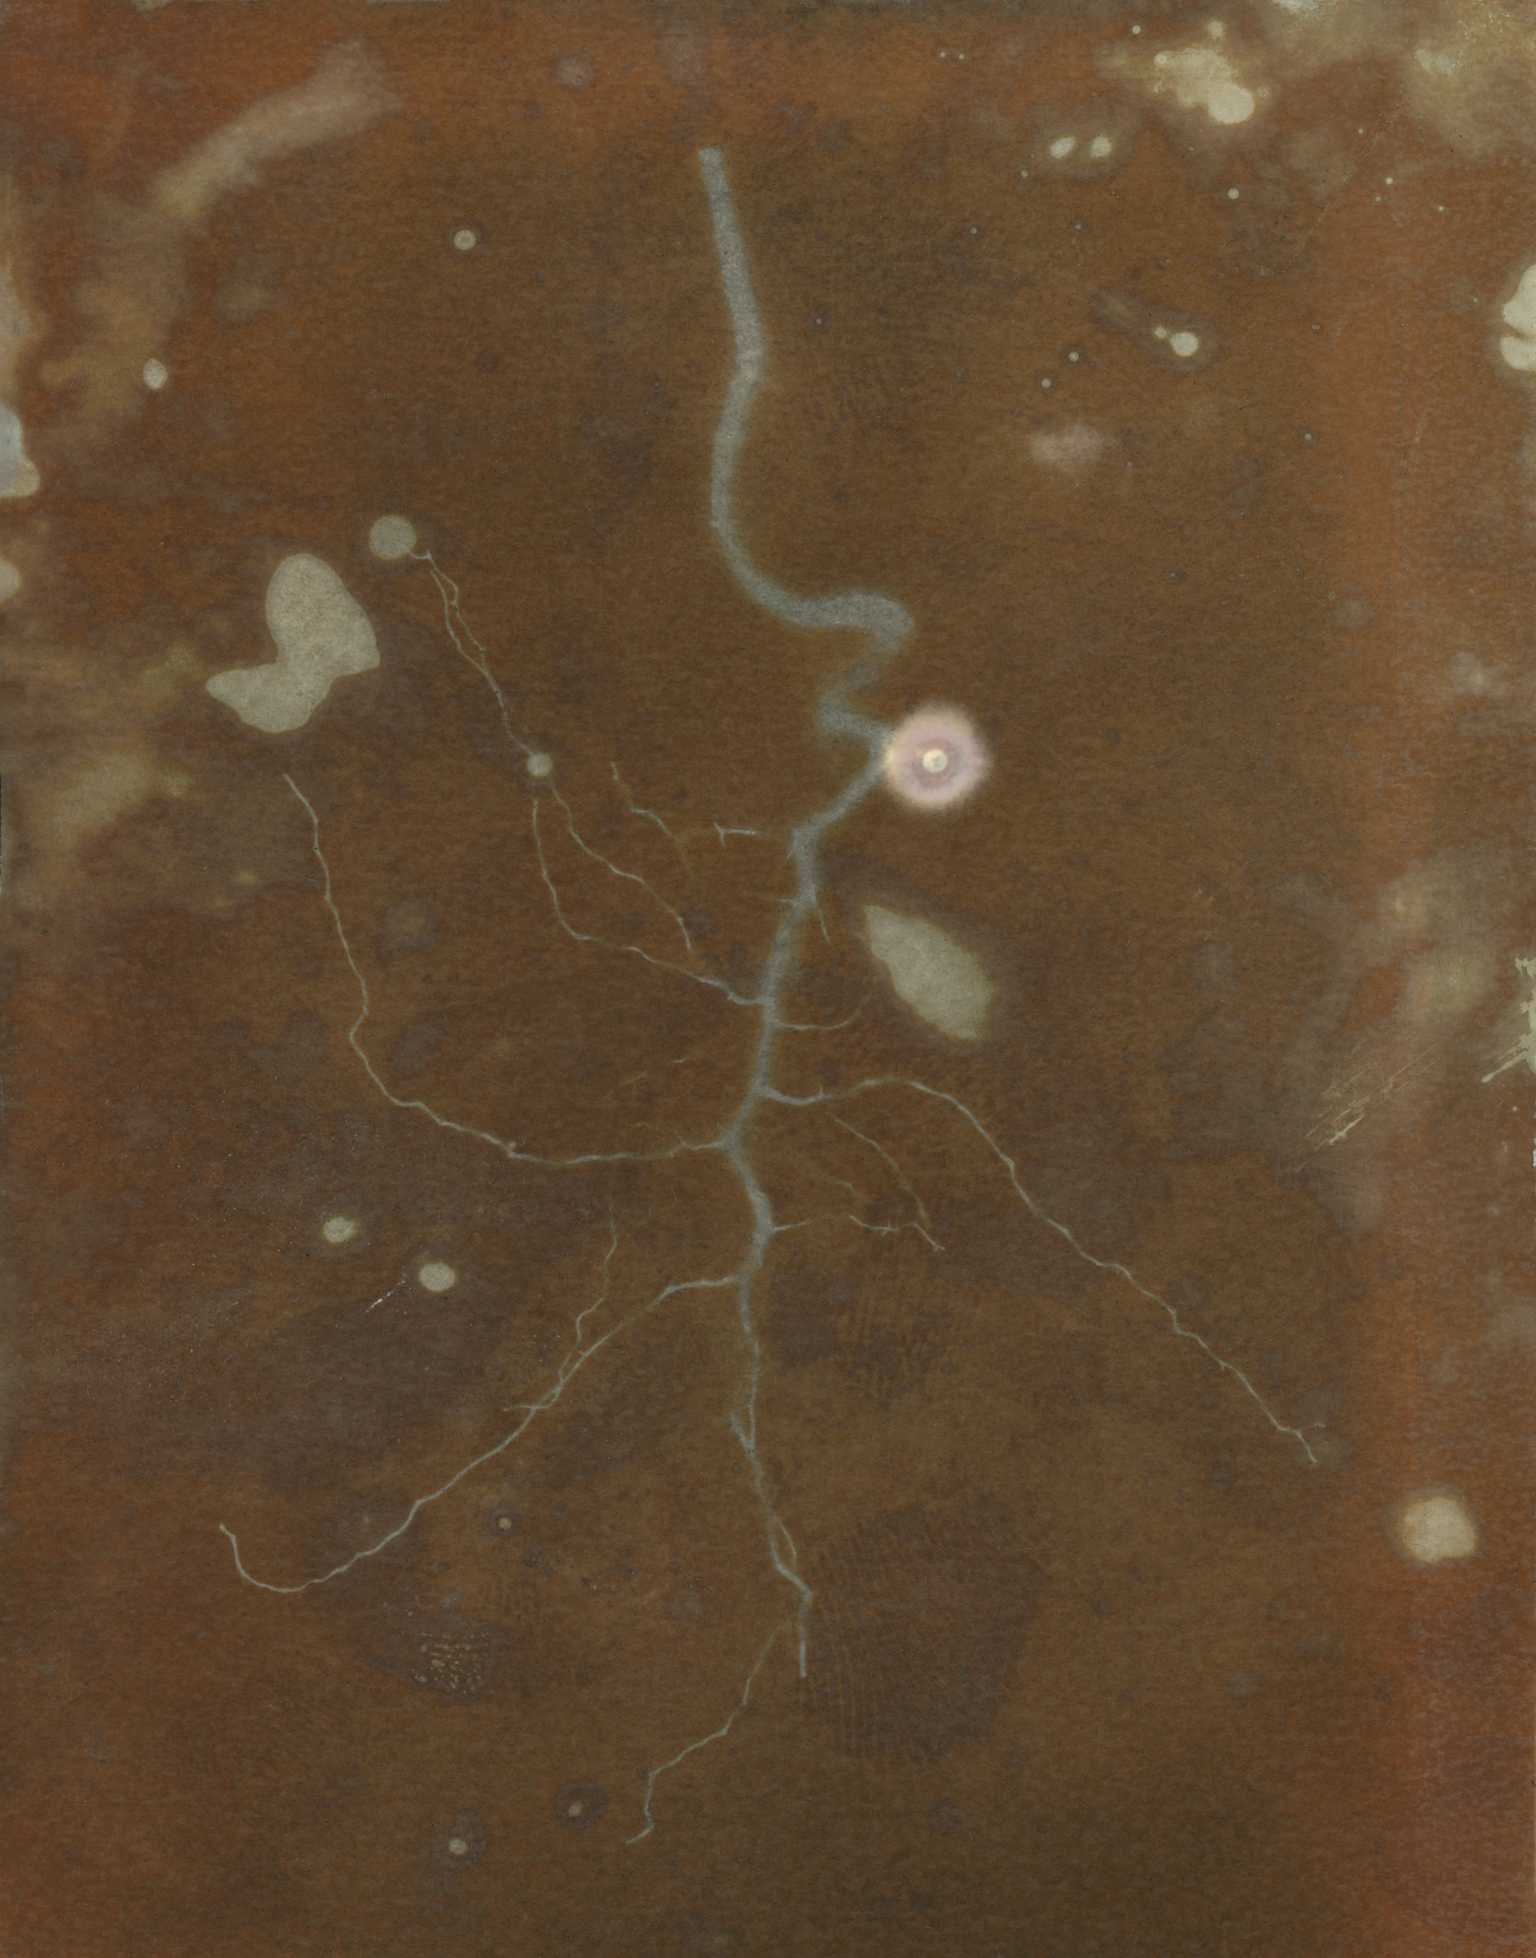 Lumen - Root